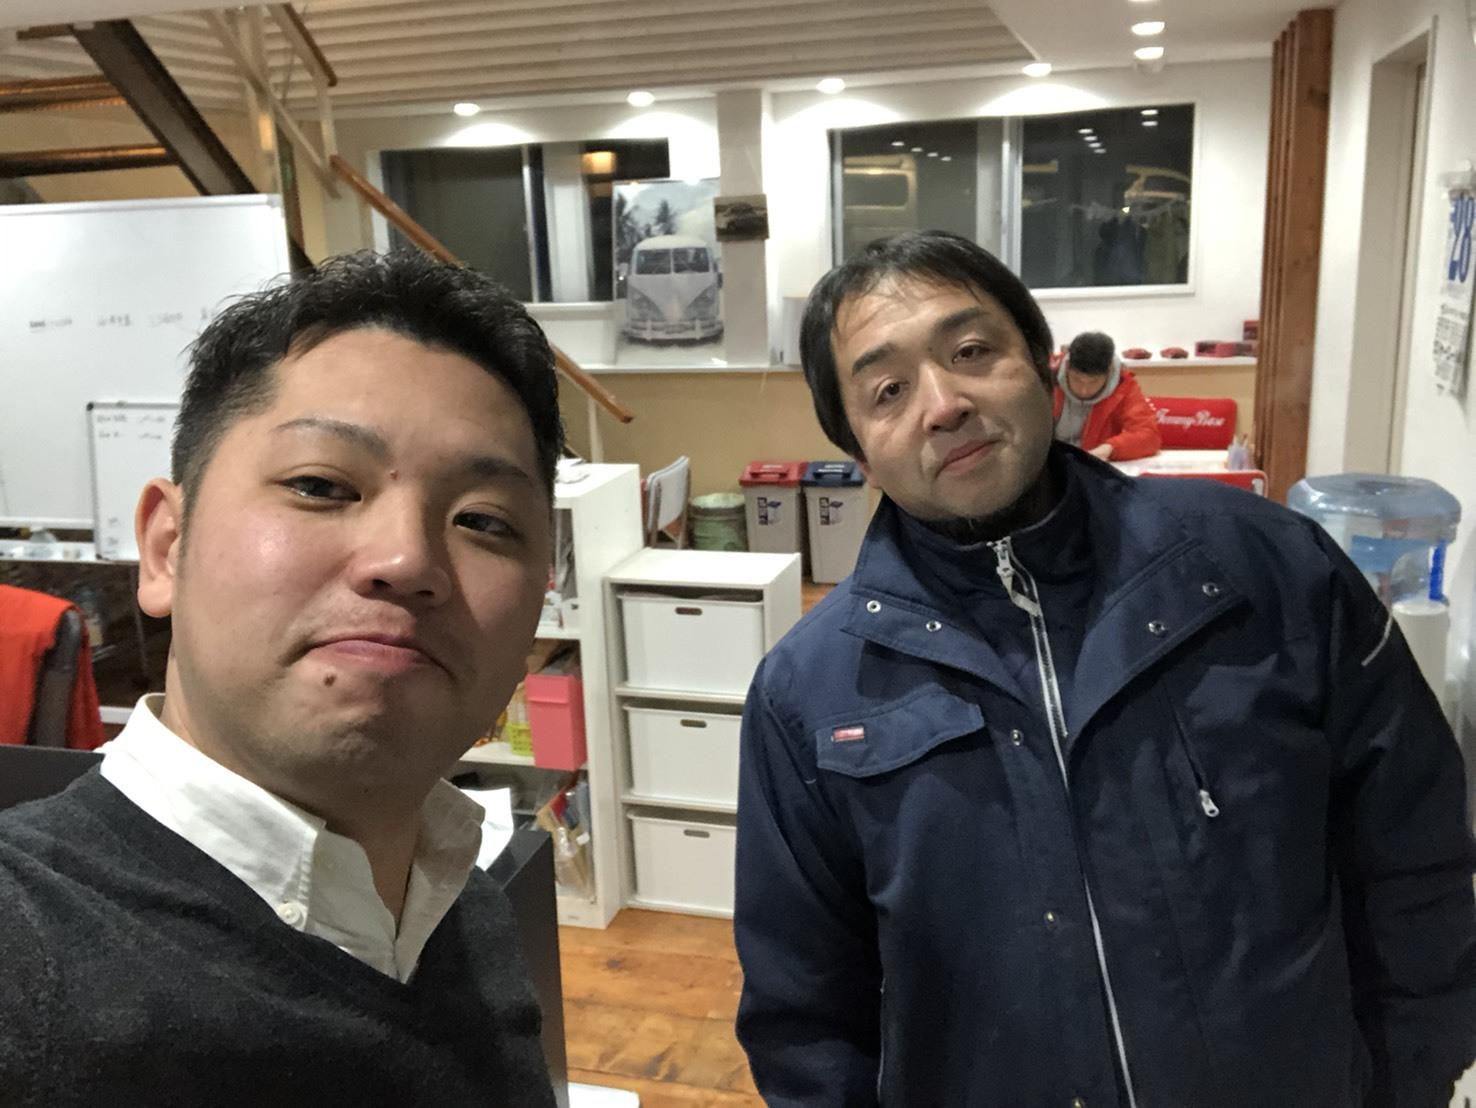 12月28日(土)TOMMYBASEブログ☆1月7日(火)より初売りセール開催✨レクサス♬クラウン🎶フーガ♬スバル限定車🎶レガシィ♬フォレスター🎶希少車_b0127002_19403049.jpg